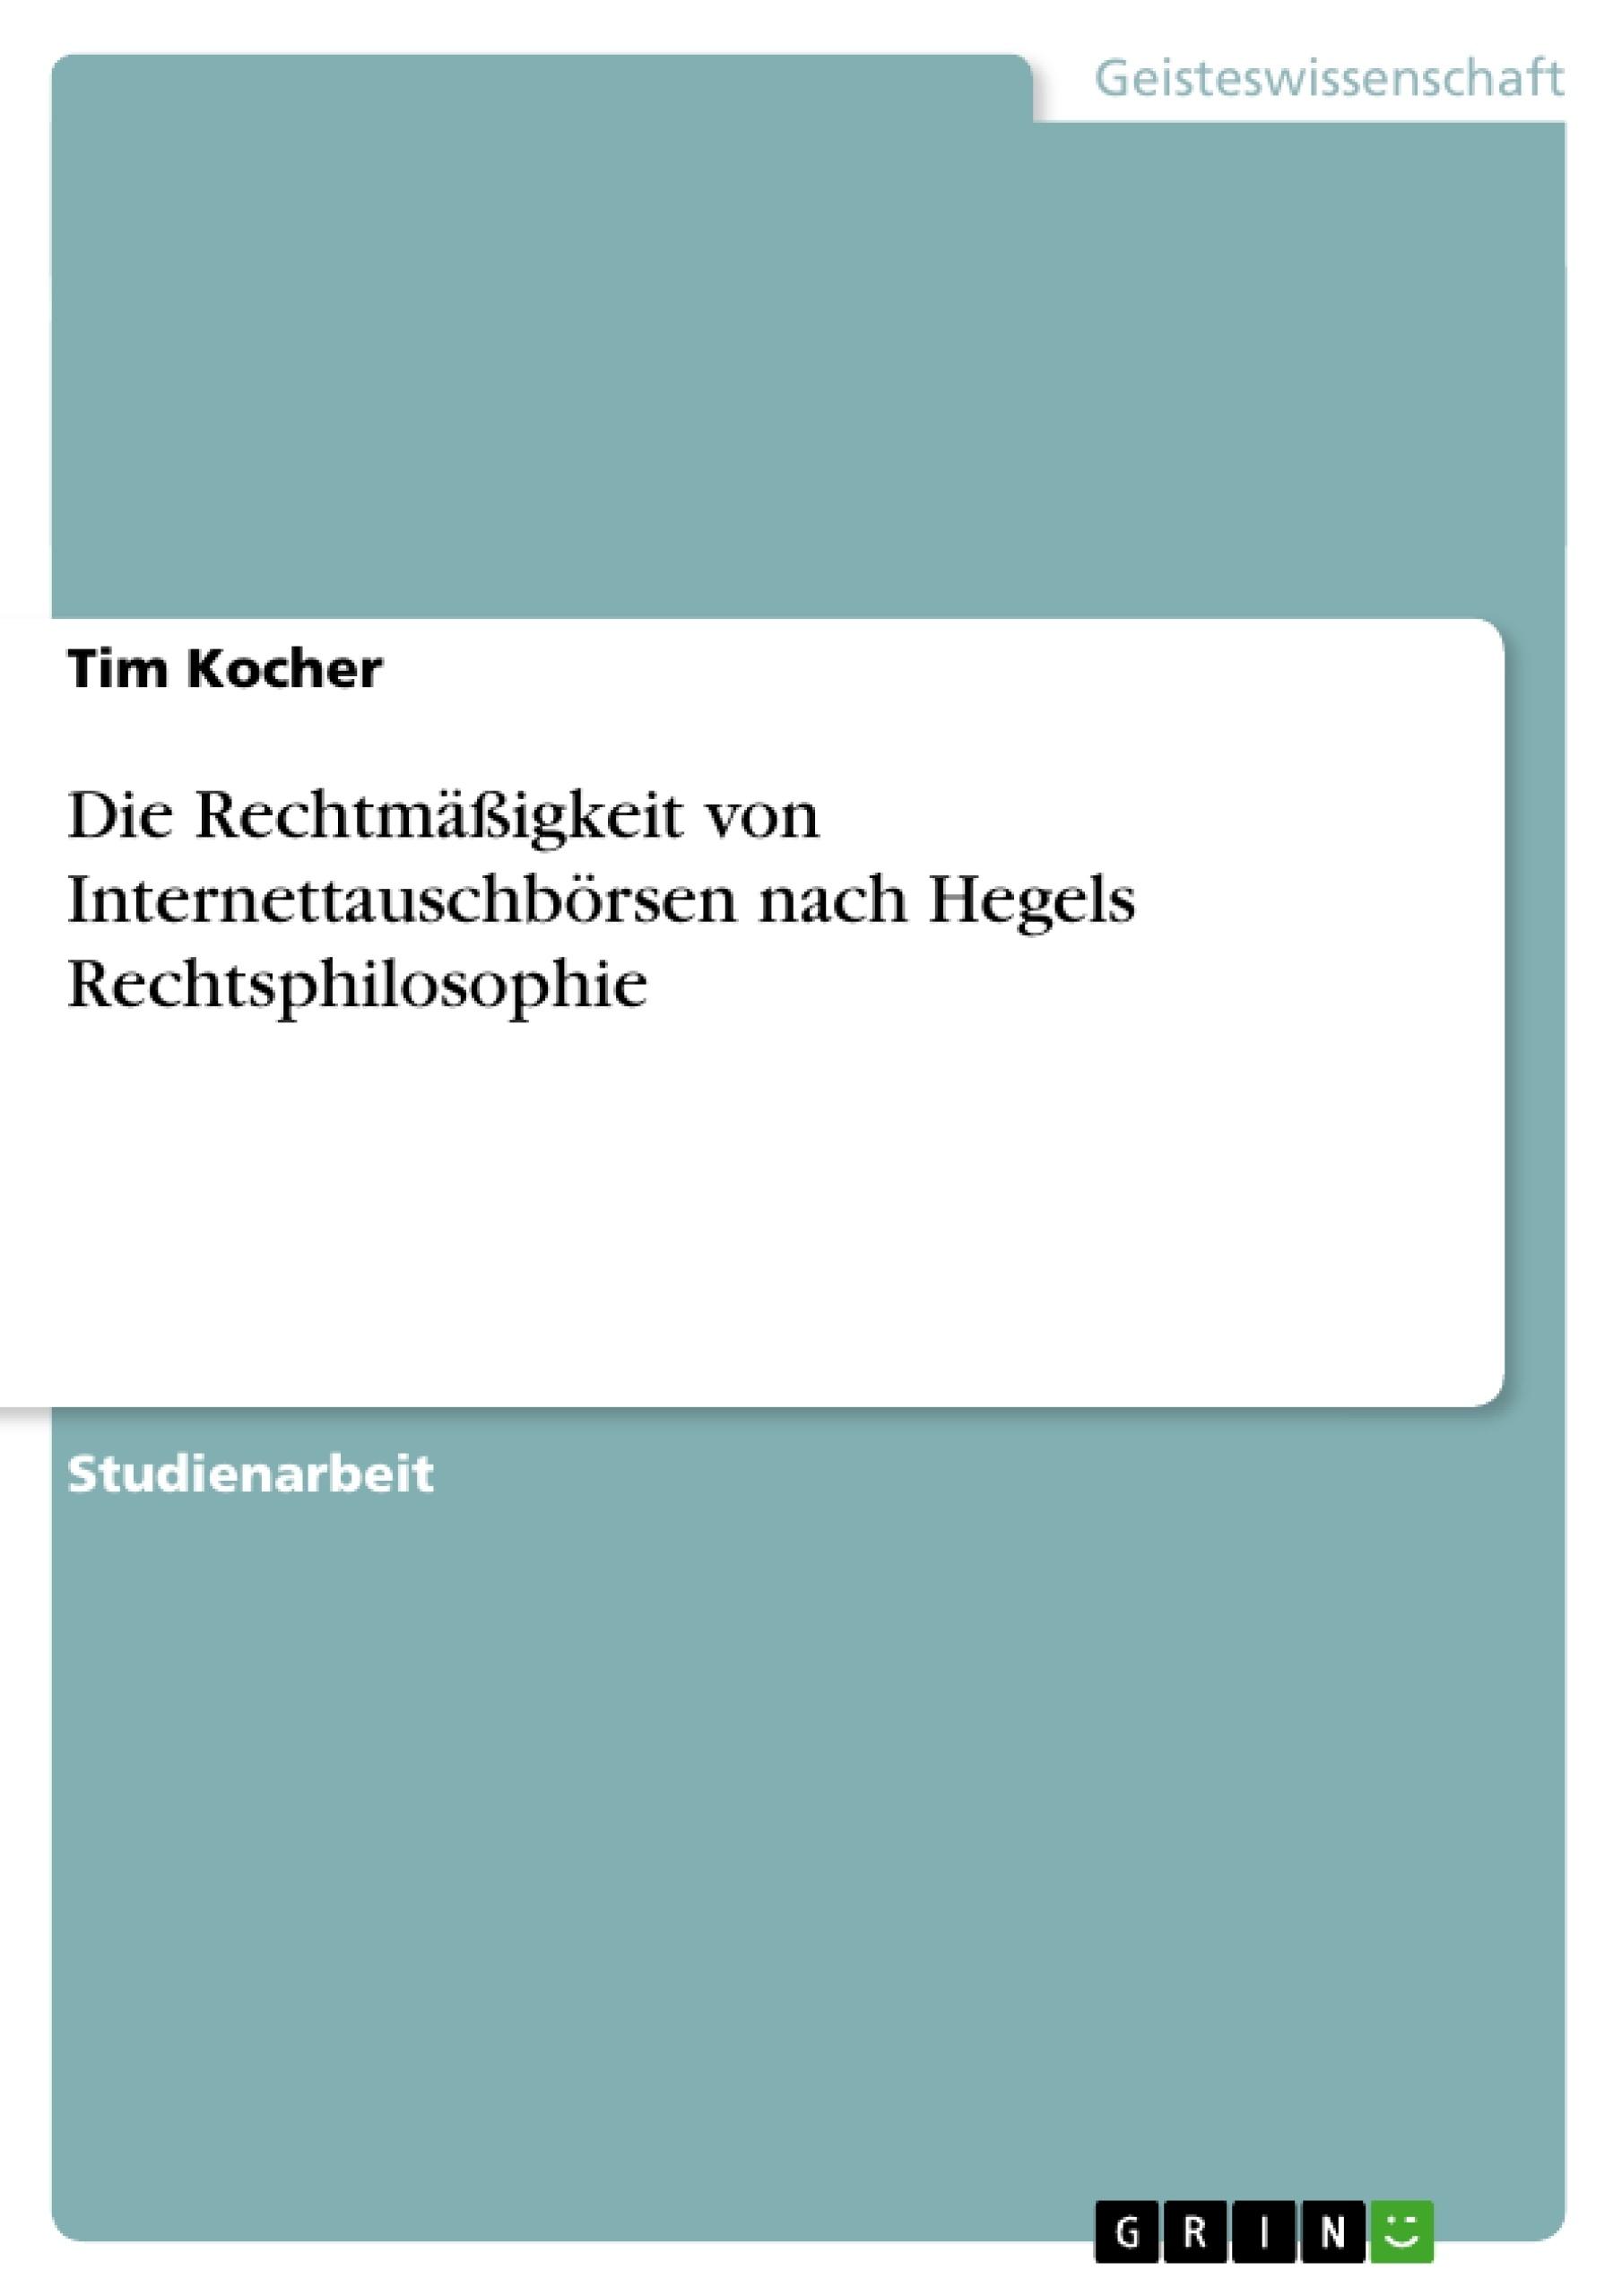 Titel: Die Rechtmäßigkeit von Internettauschbörsen nach Hegels Rechtsphilosophie